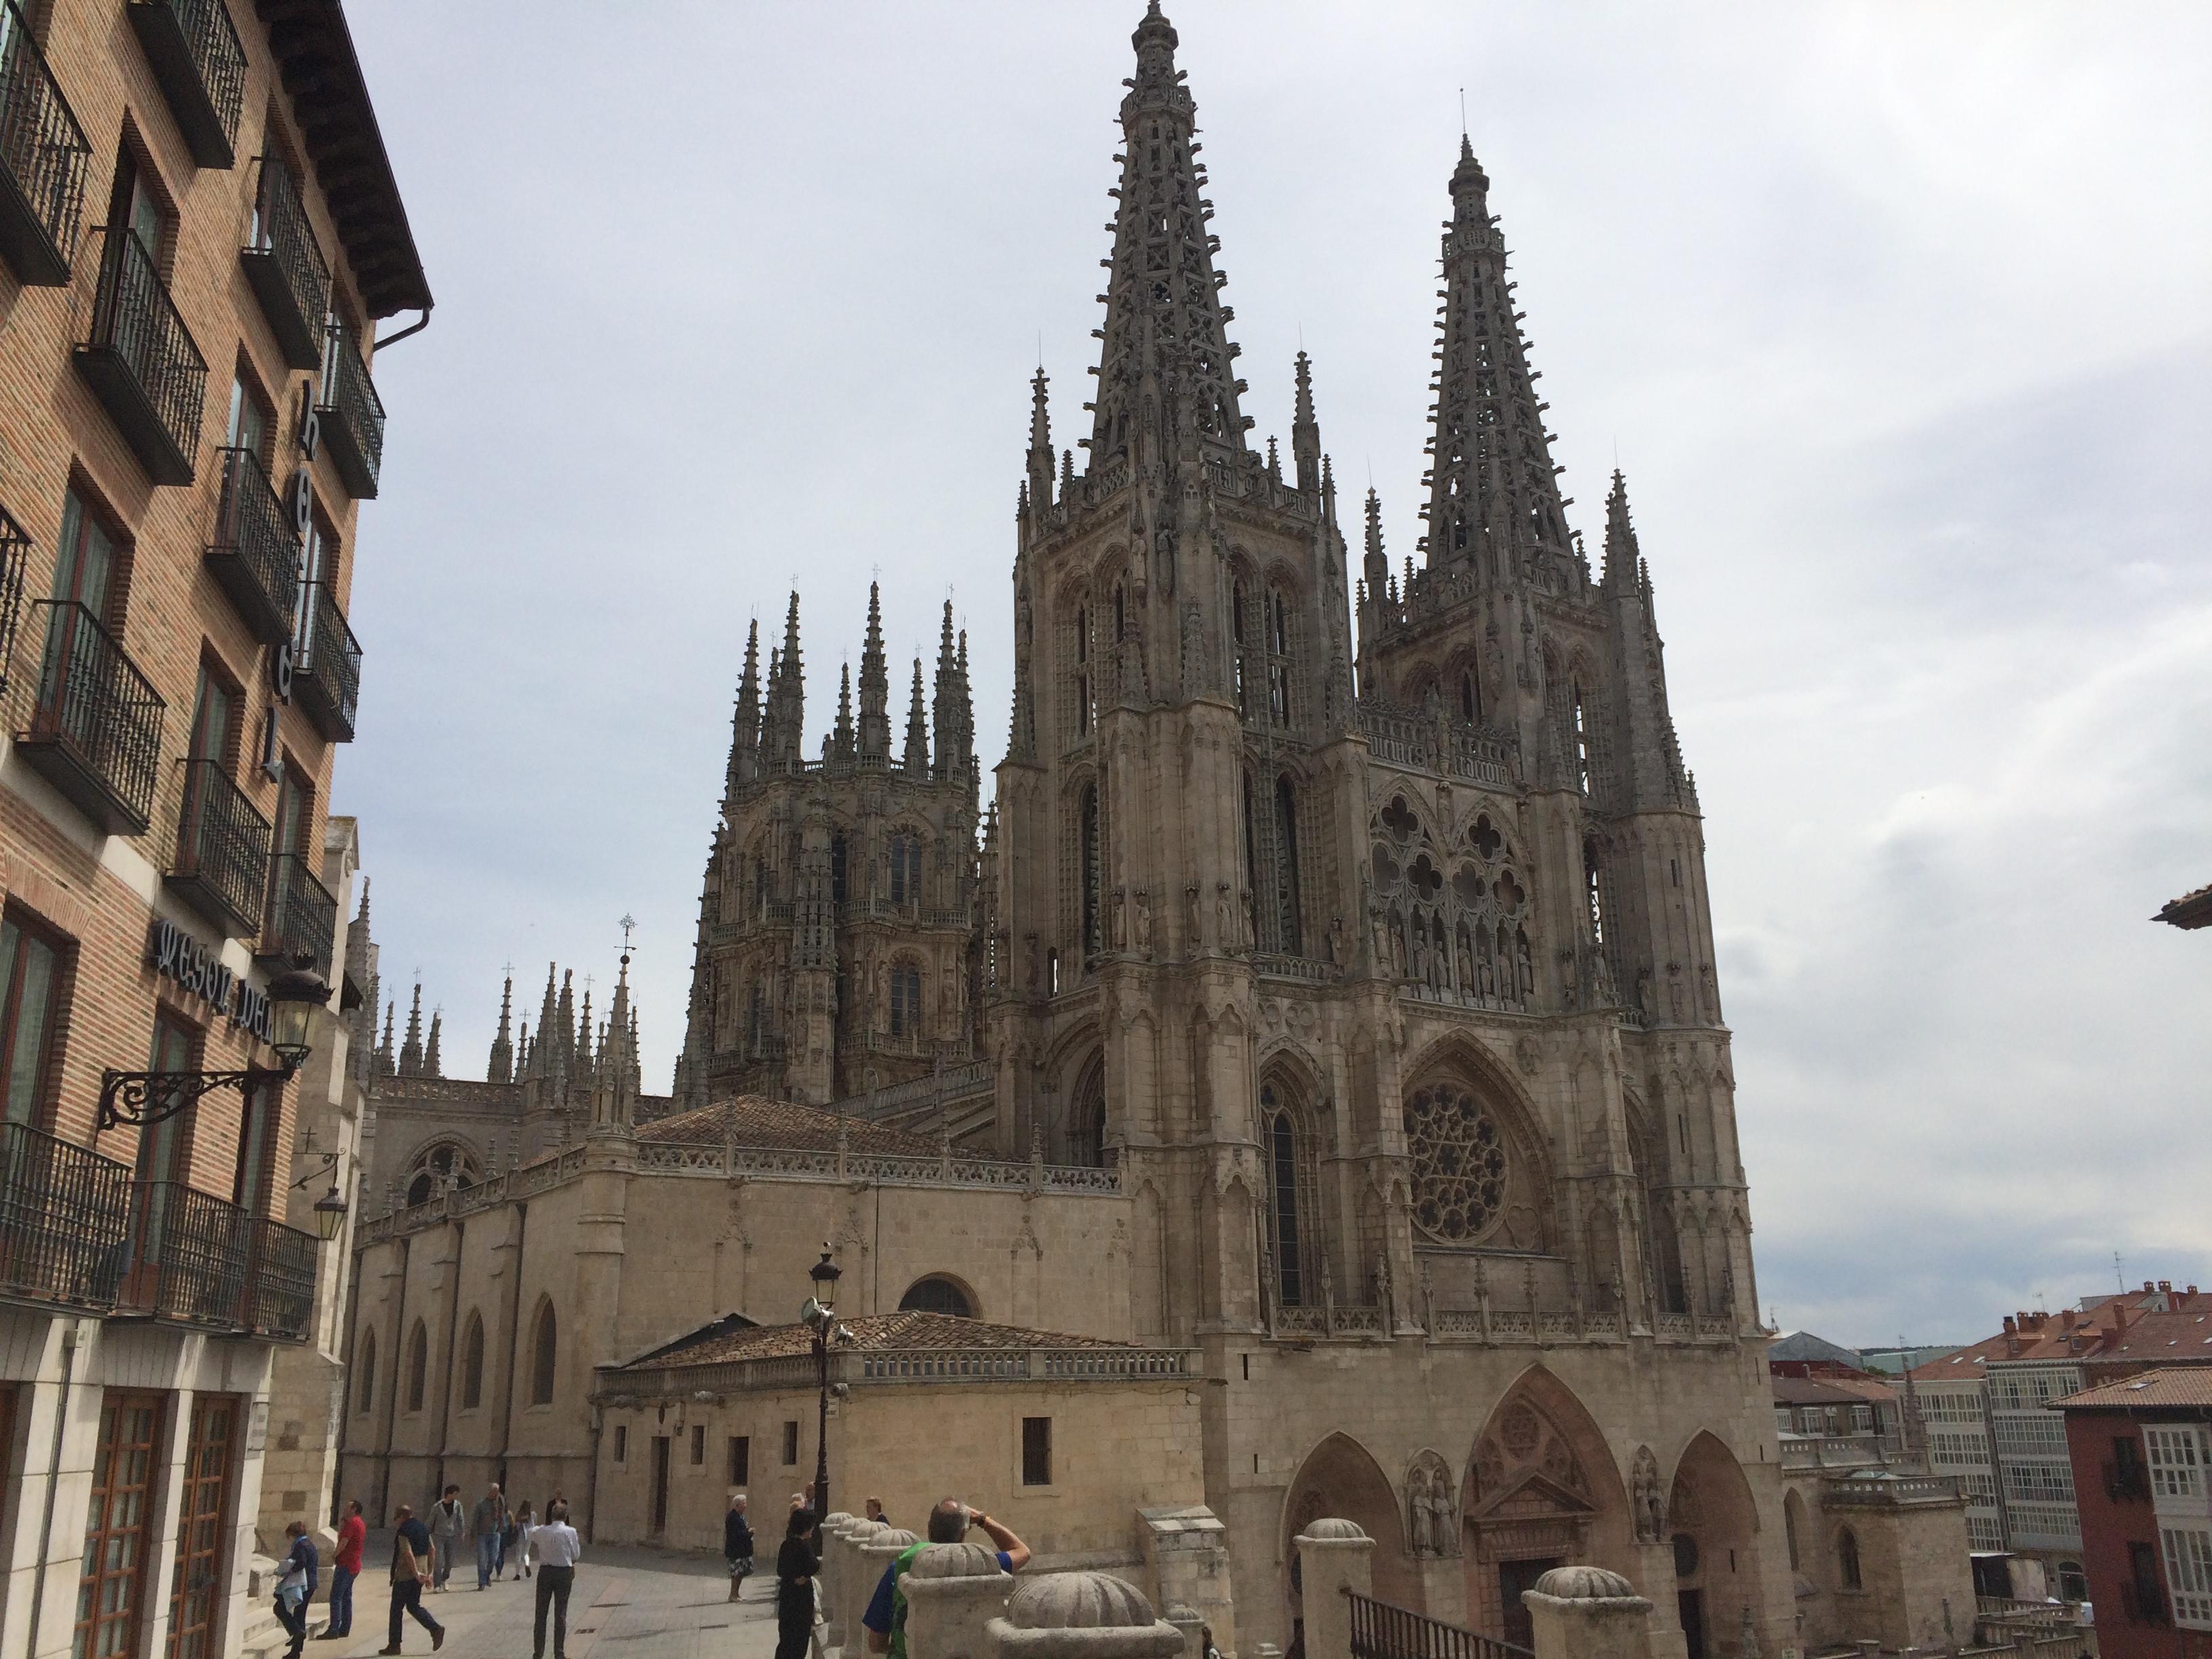 Day 17 - Burgos - May 21, 2017